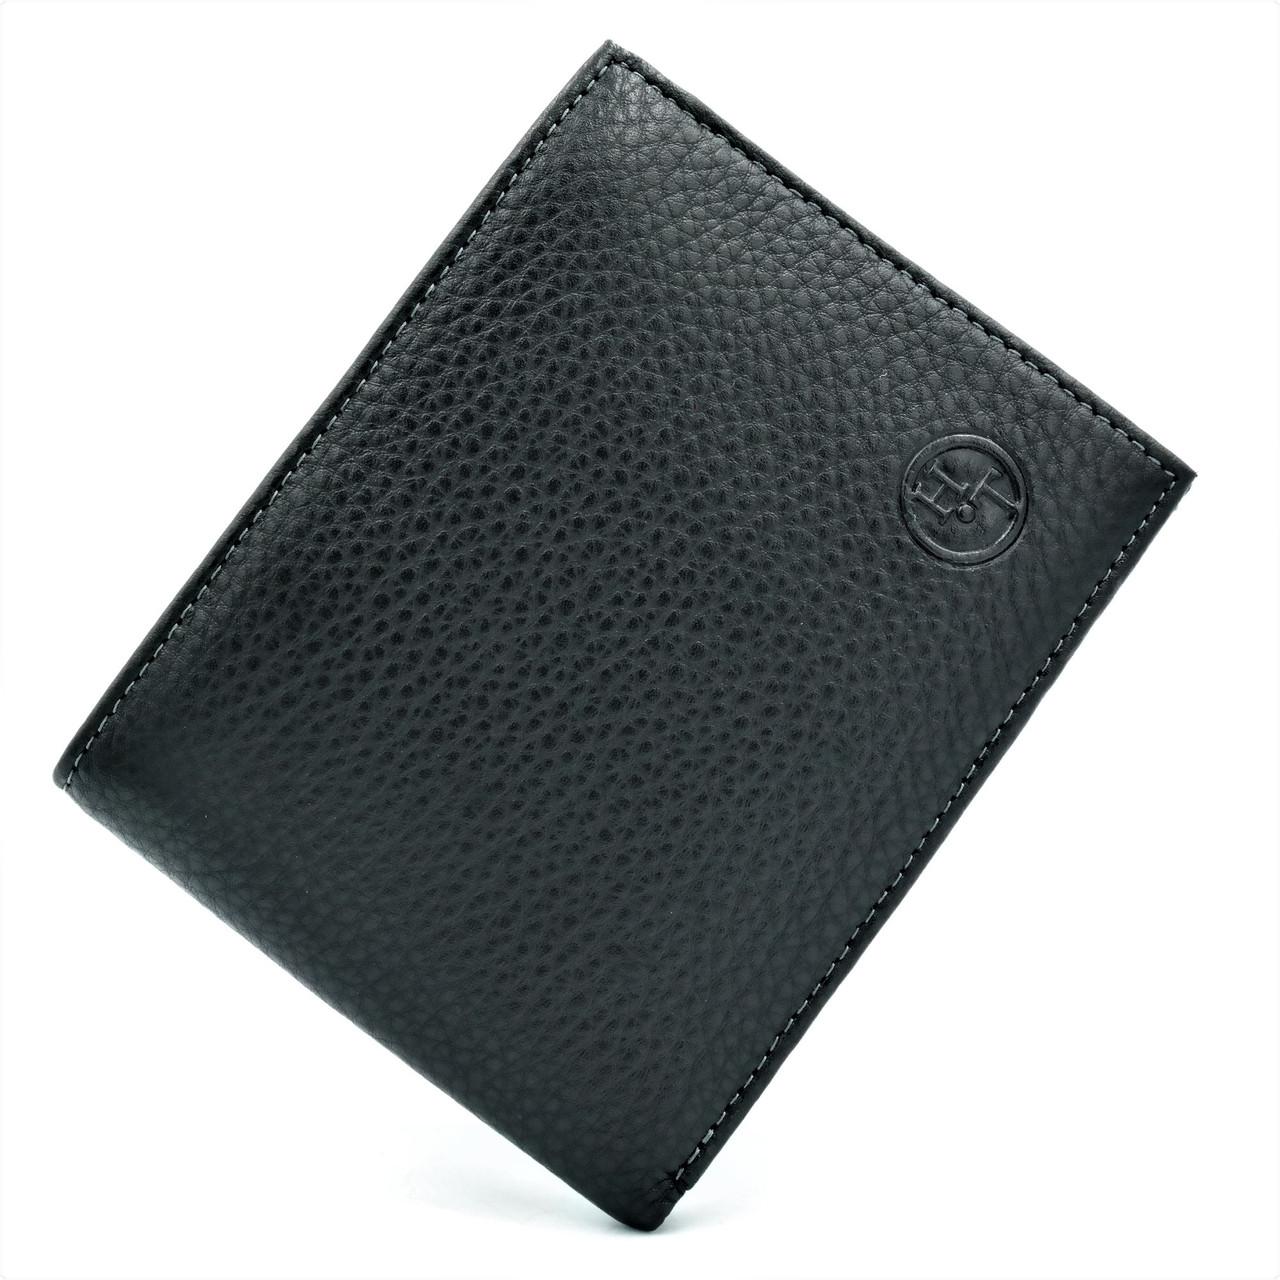 Мужской кожаный кошелёк  Чёрного цвета Небольшой мужской бумажник Удобный кожаный кошелек